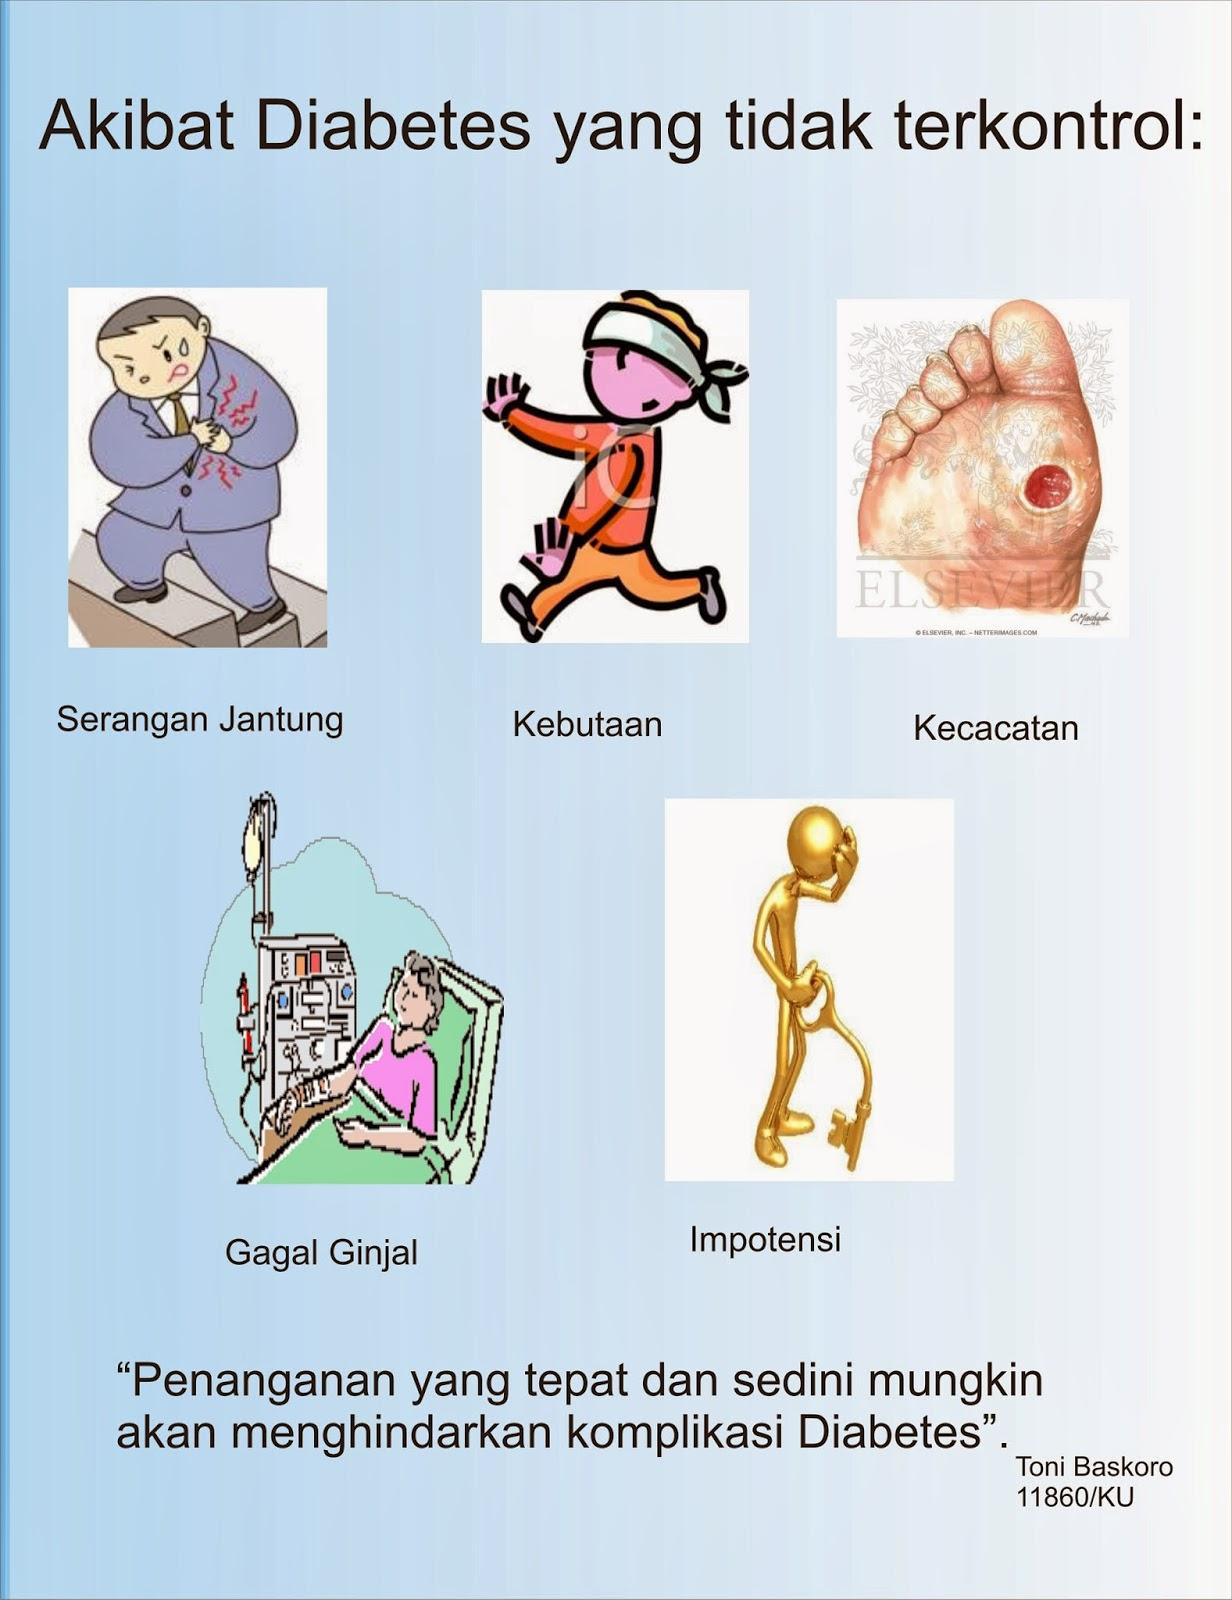 http://obatlimfomaherbal.blogspot.com/2014/03/jual-obat-herbal-untuk-diabetes.html